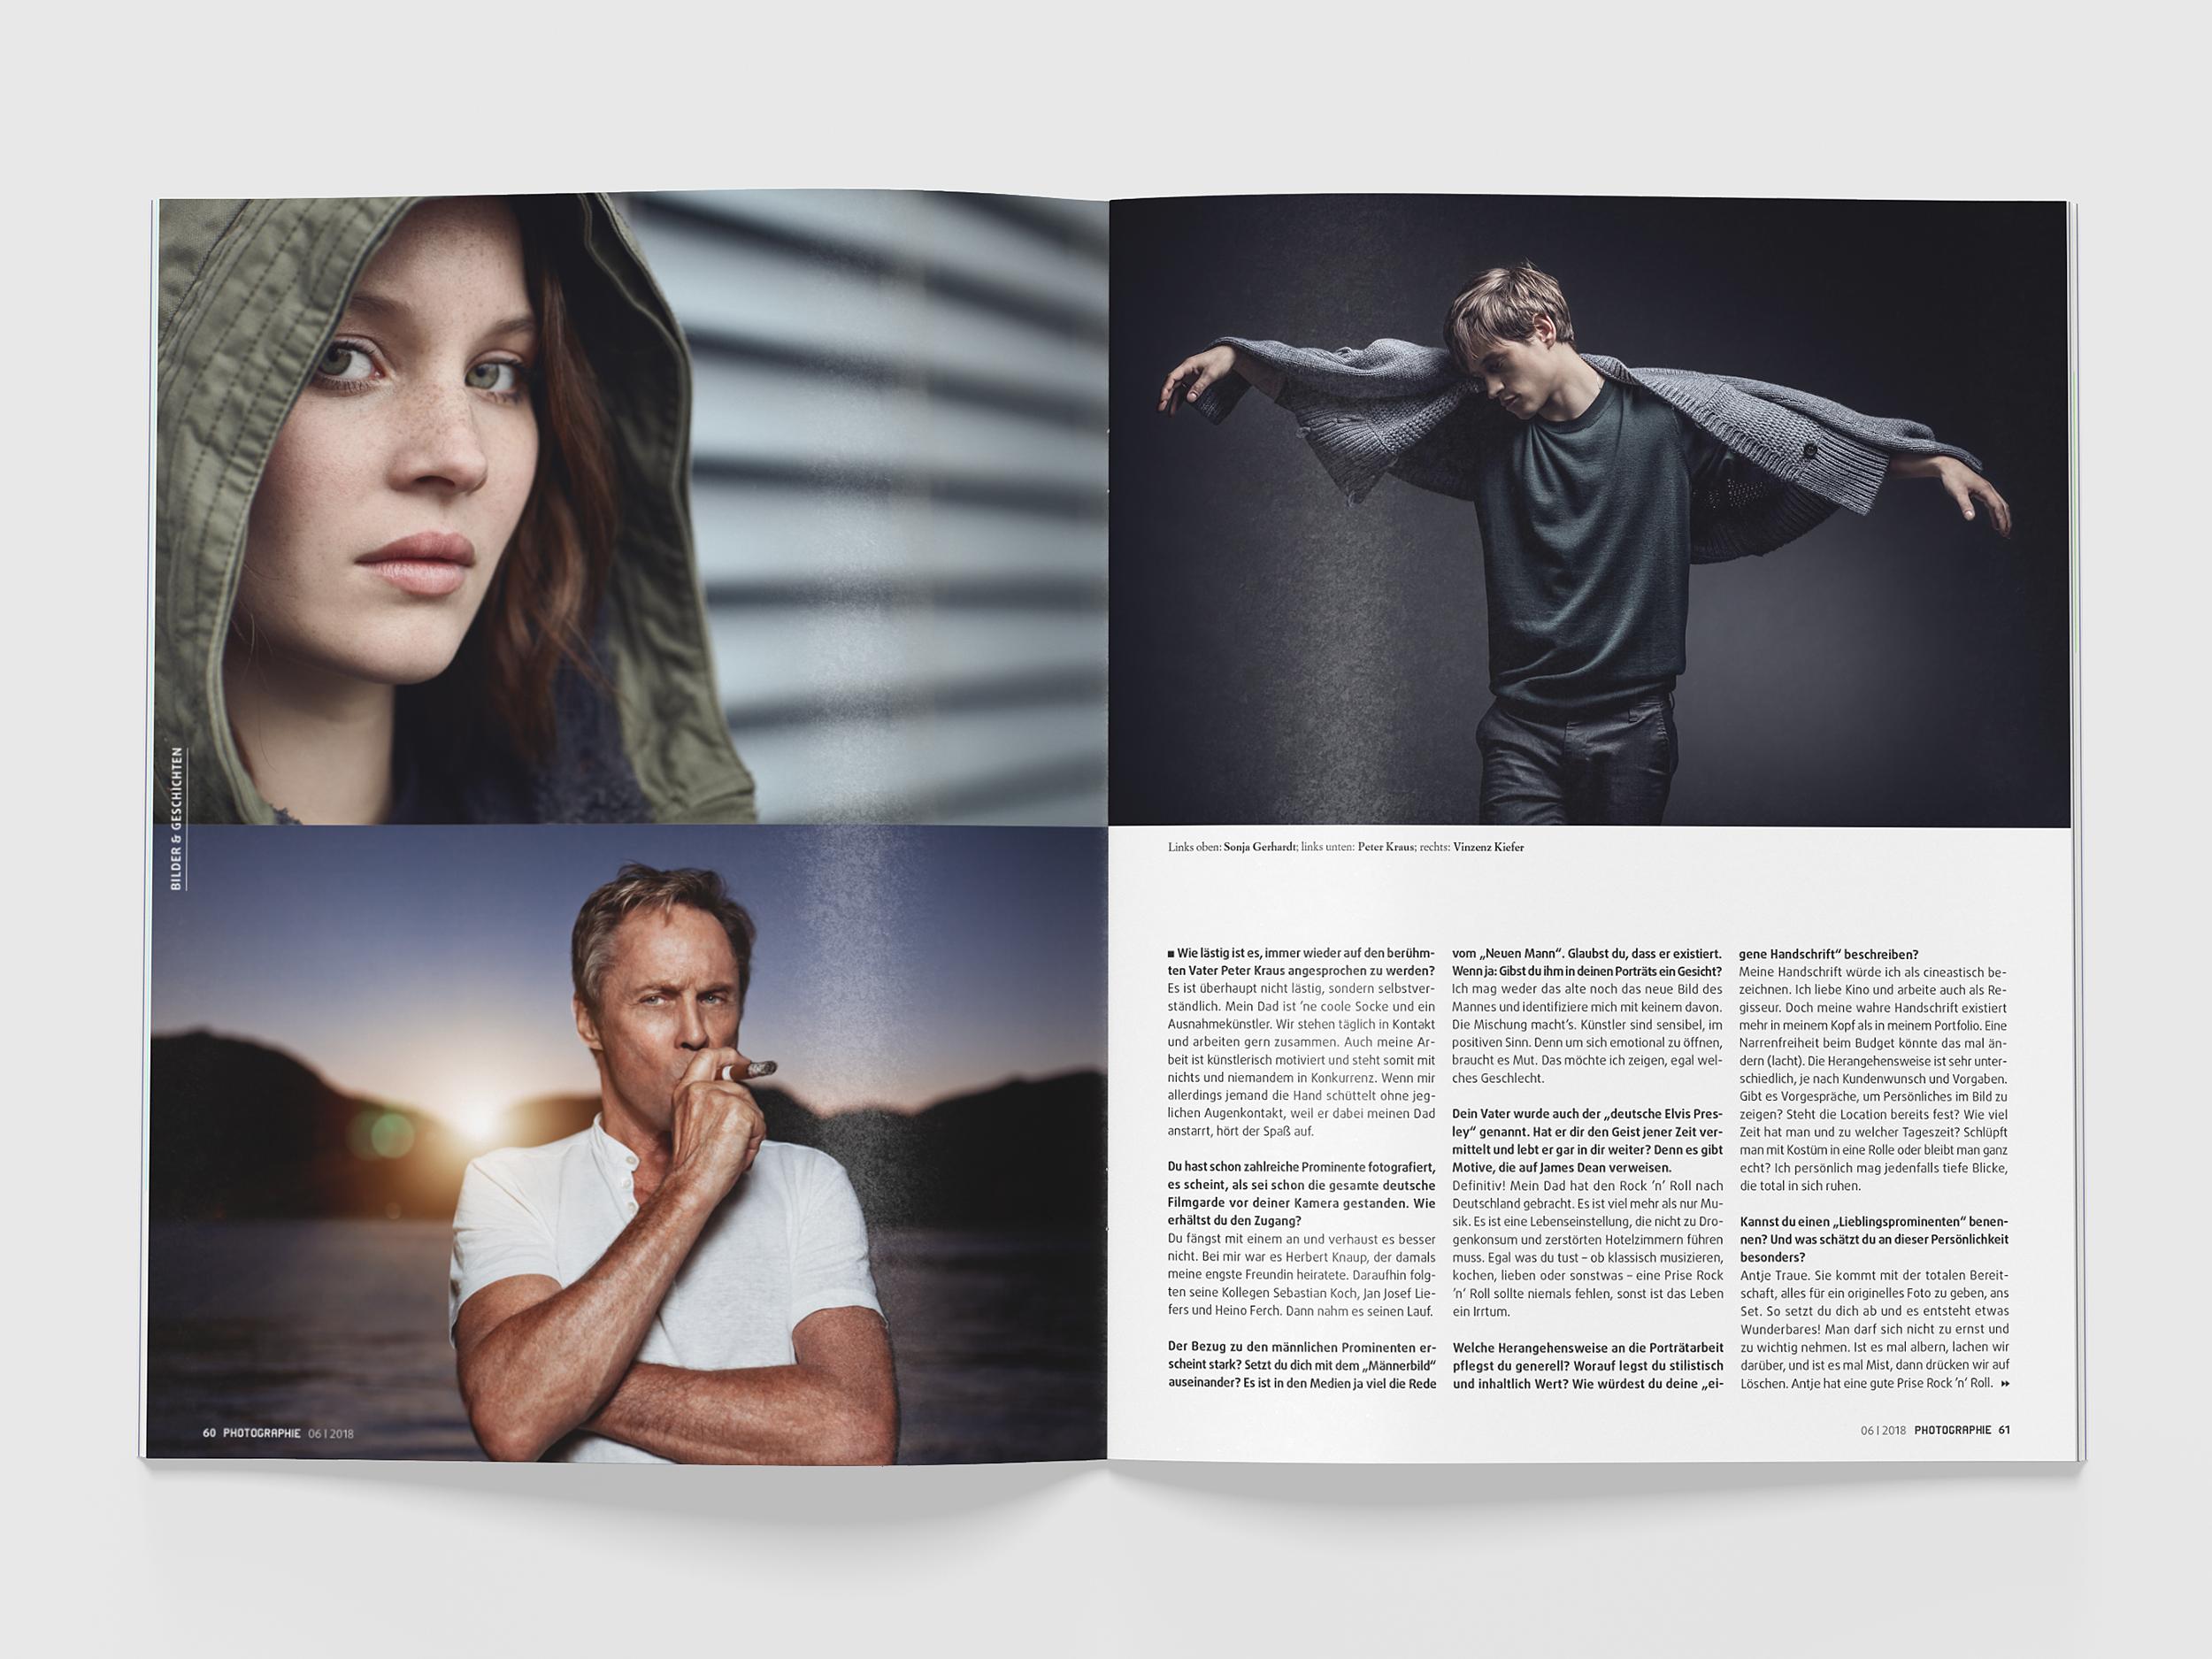 Photographie-Magazin_Soapimages_2500_002_oWZ.jpg